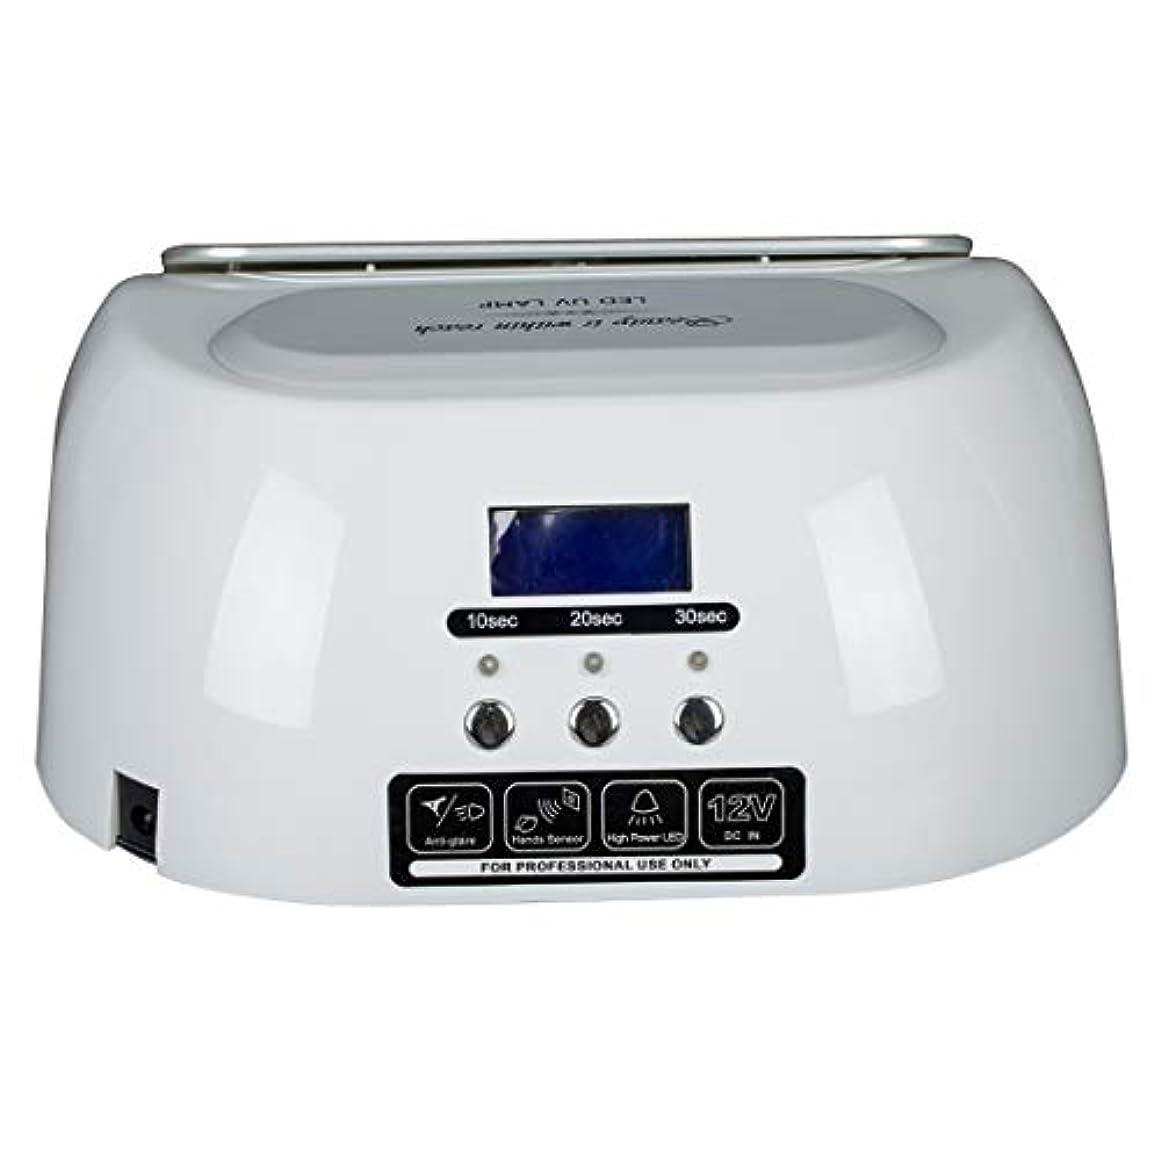 ひも騙す余剰CELINEZL CELINEZL 48W UV + LED自動センサーネイルランプ爪ジェル硬化乾燥機、ディスプレイ付き、AC 100-240V(ホワイト) (色 : 白)